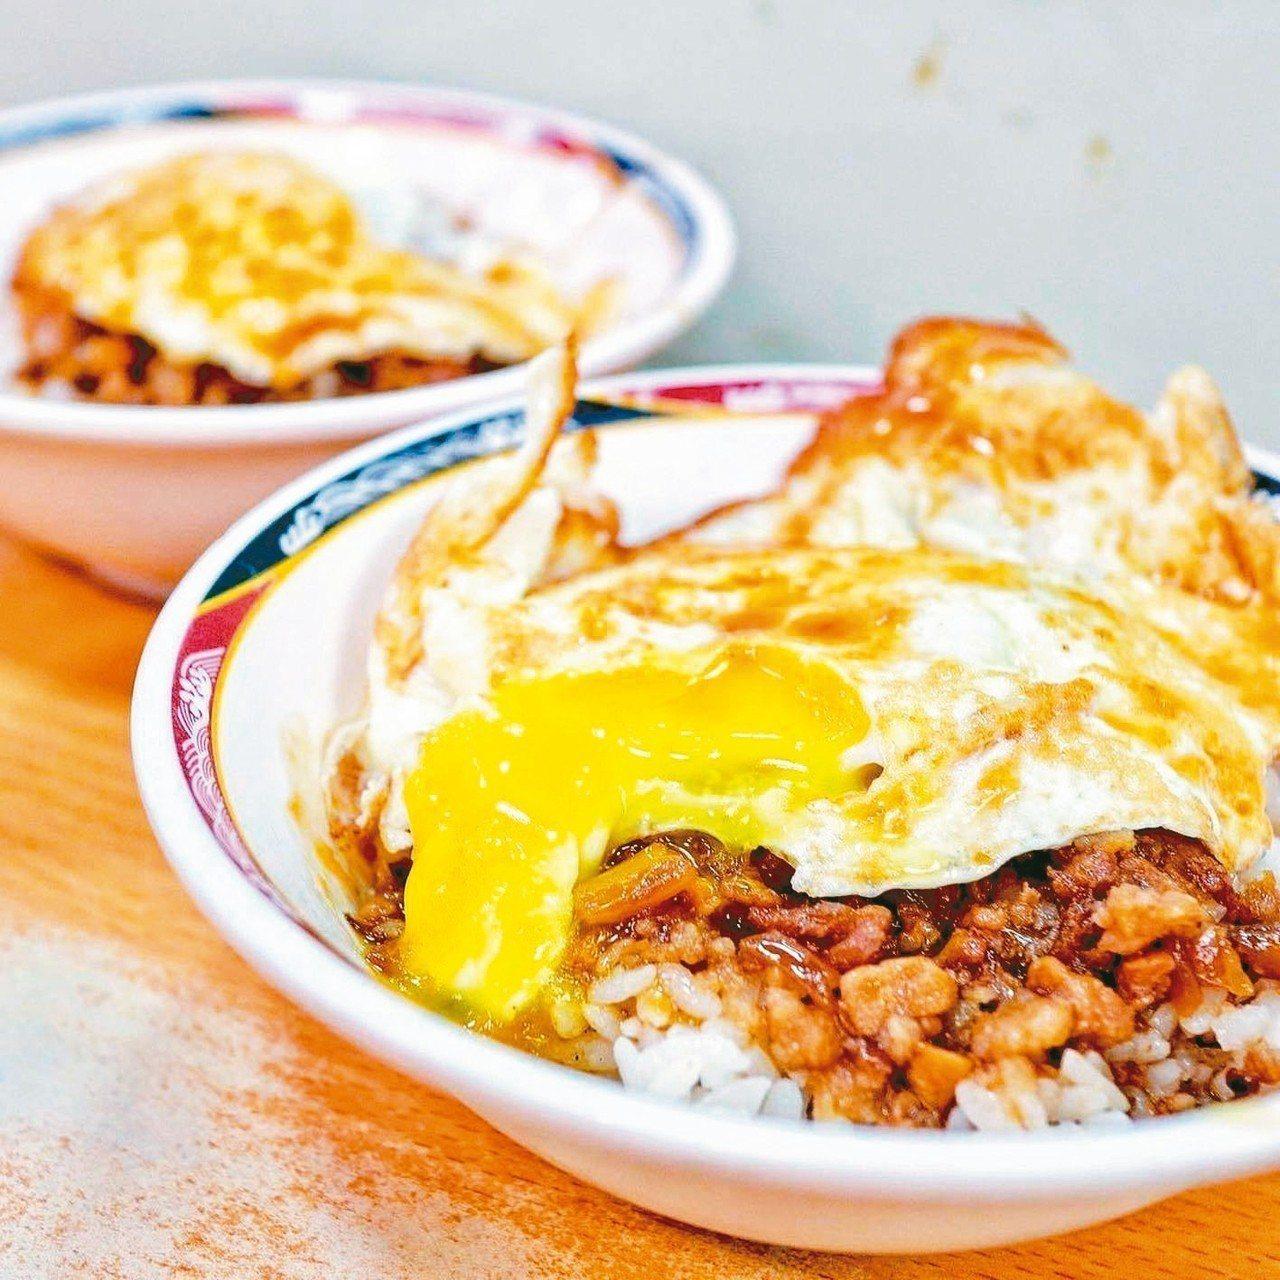 天天利美食坊的特色以滷肉飯搭配半熟蛋,讓整體風味更加提升。 圖/網友evalin...